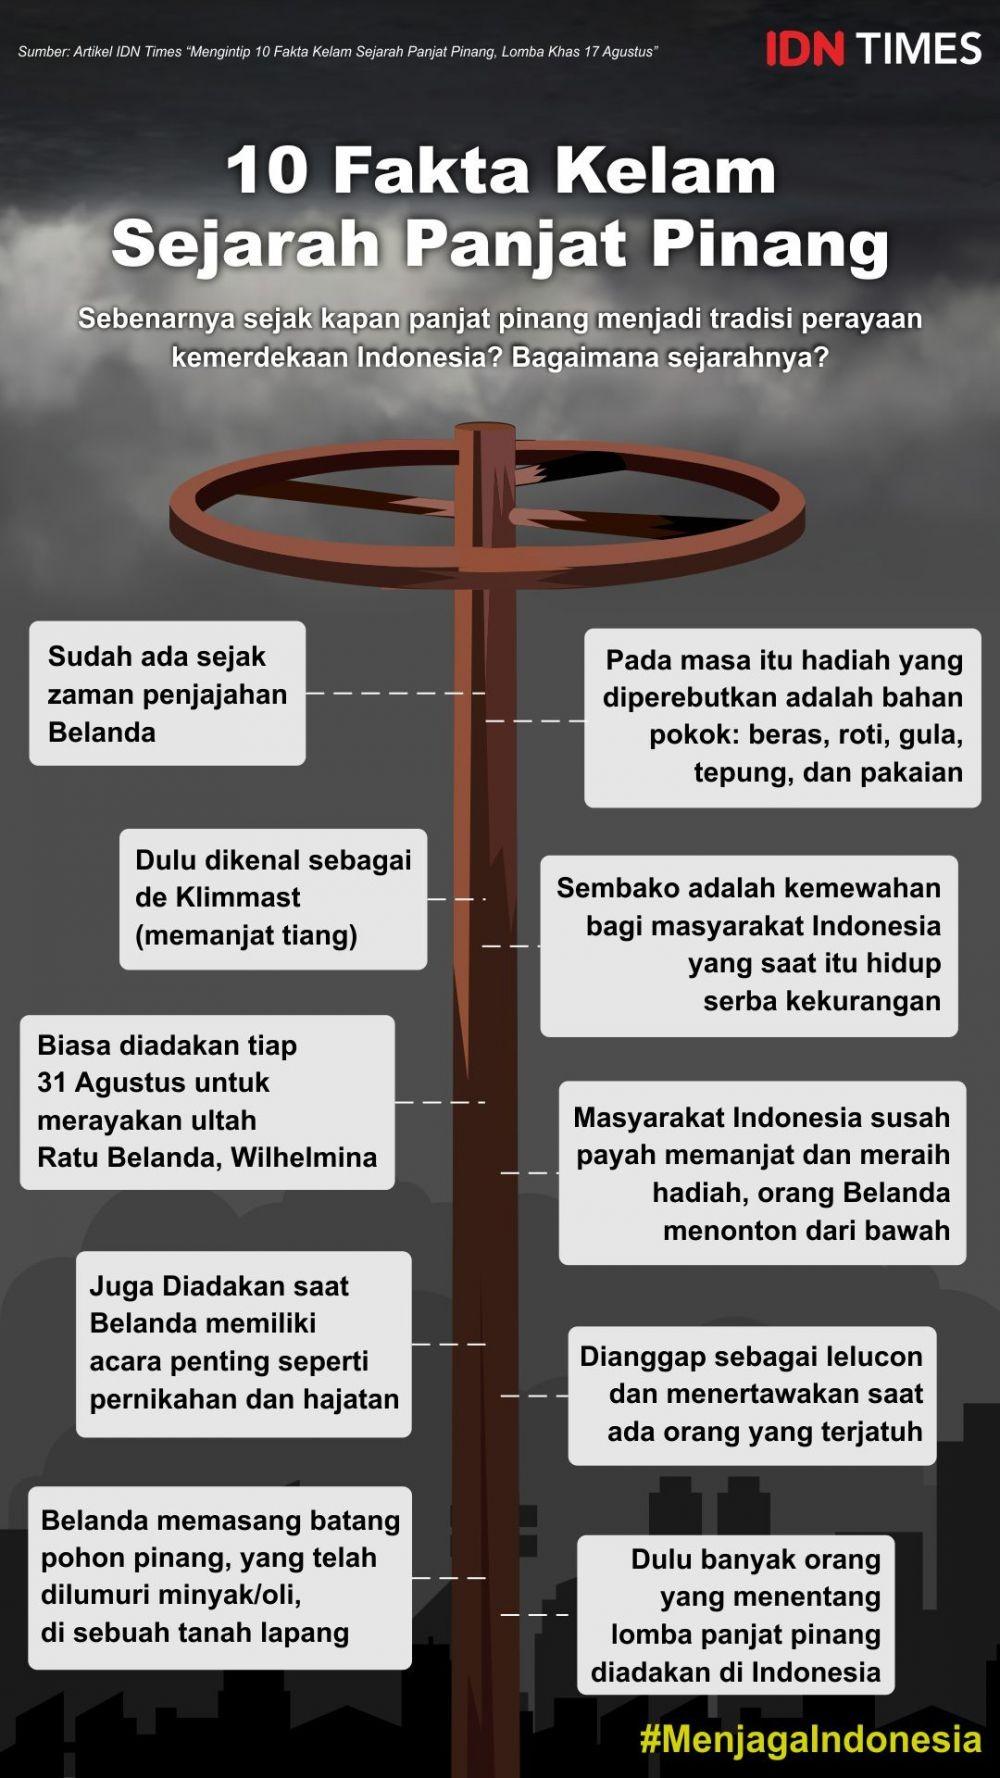 [INFOGRAFIS] 10 Fakta Kelam Sejarah Panjat Pinang, Lomba 17 Agustusan